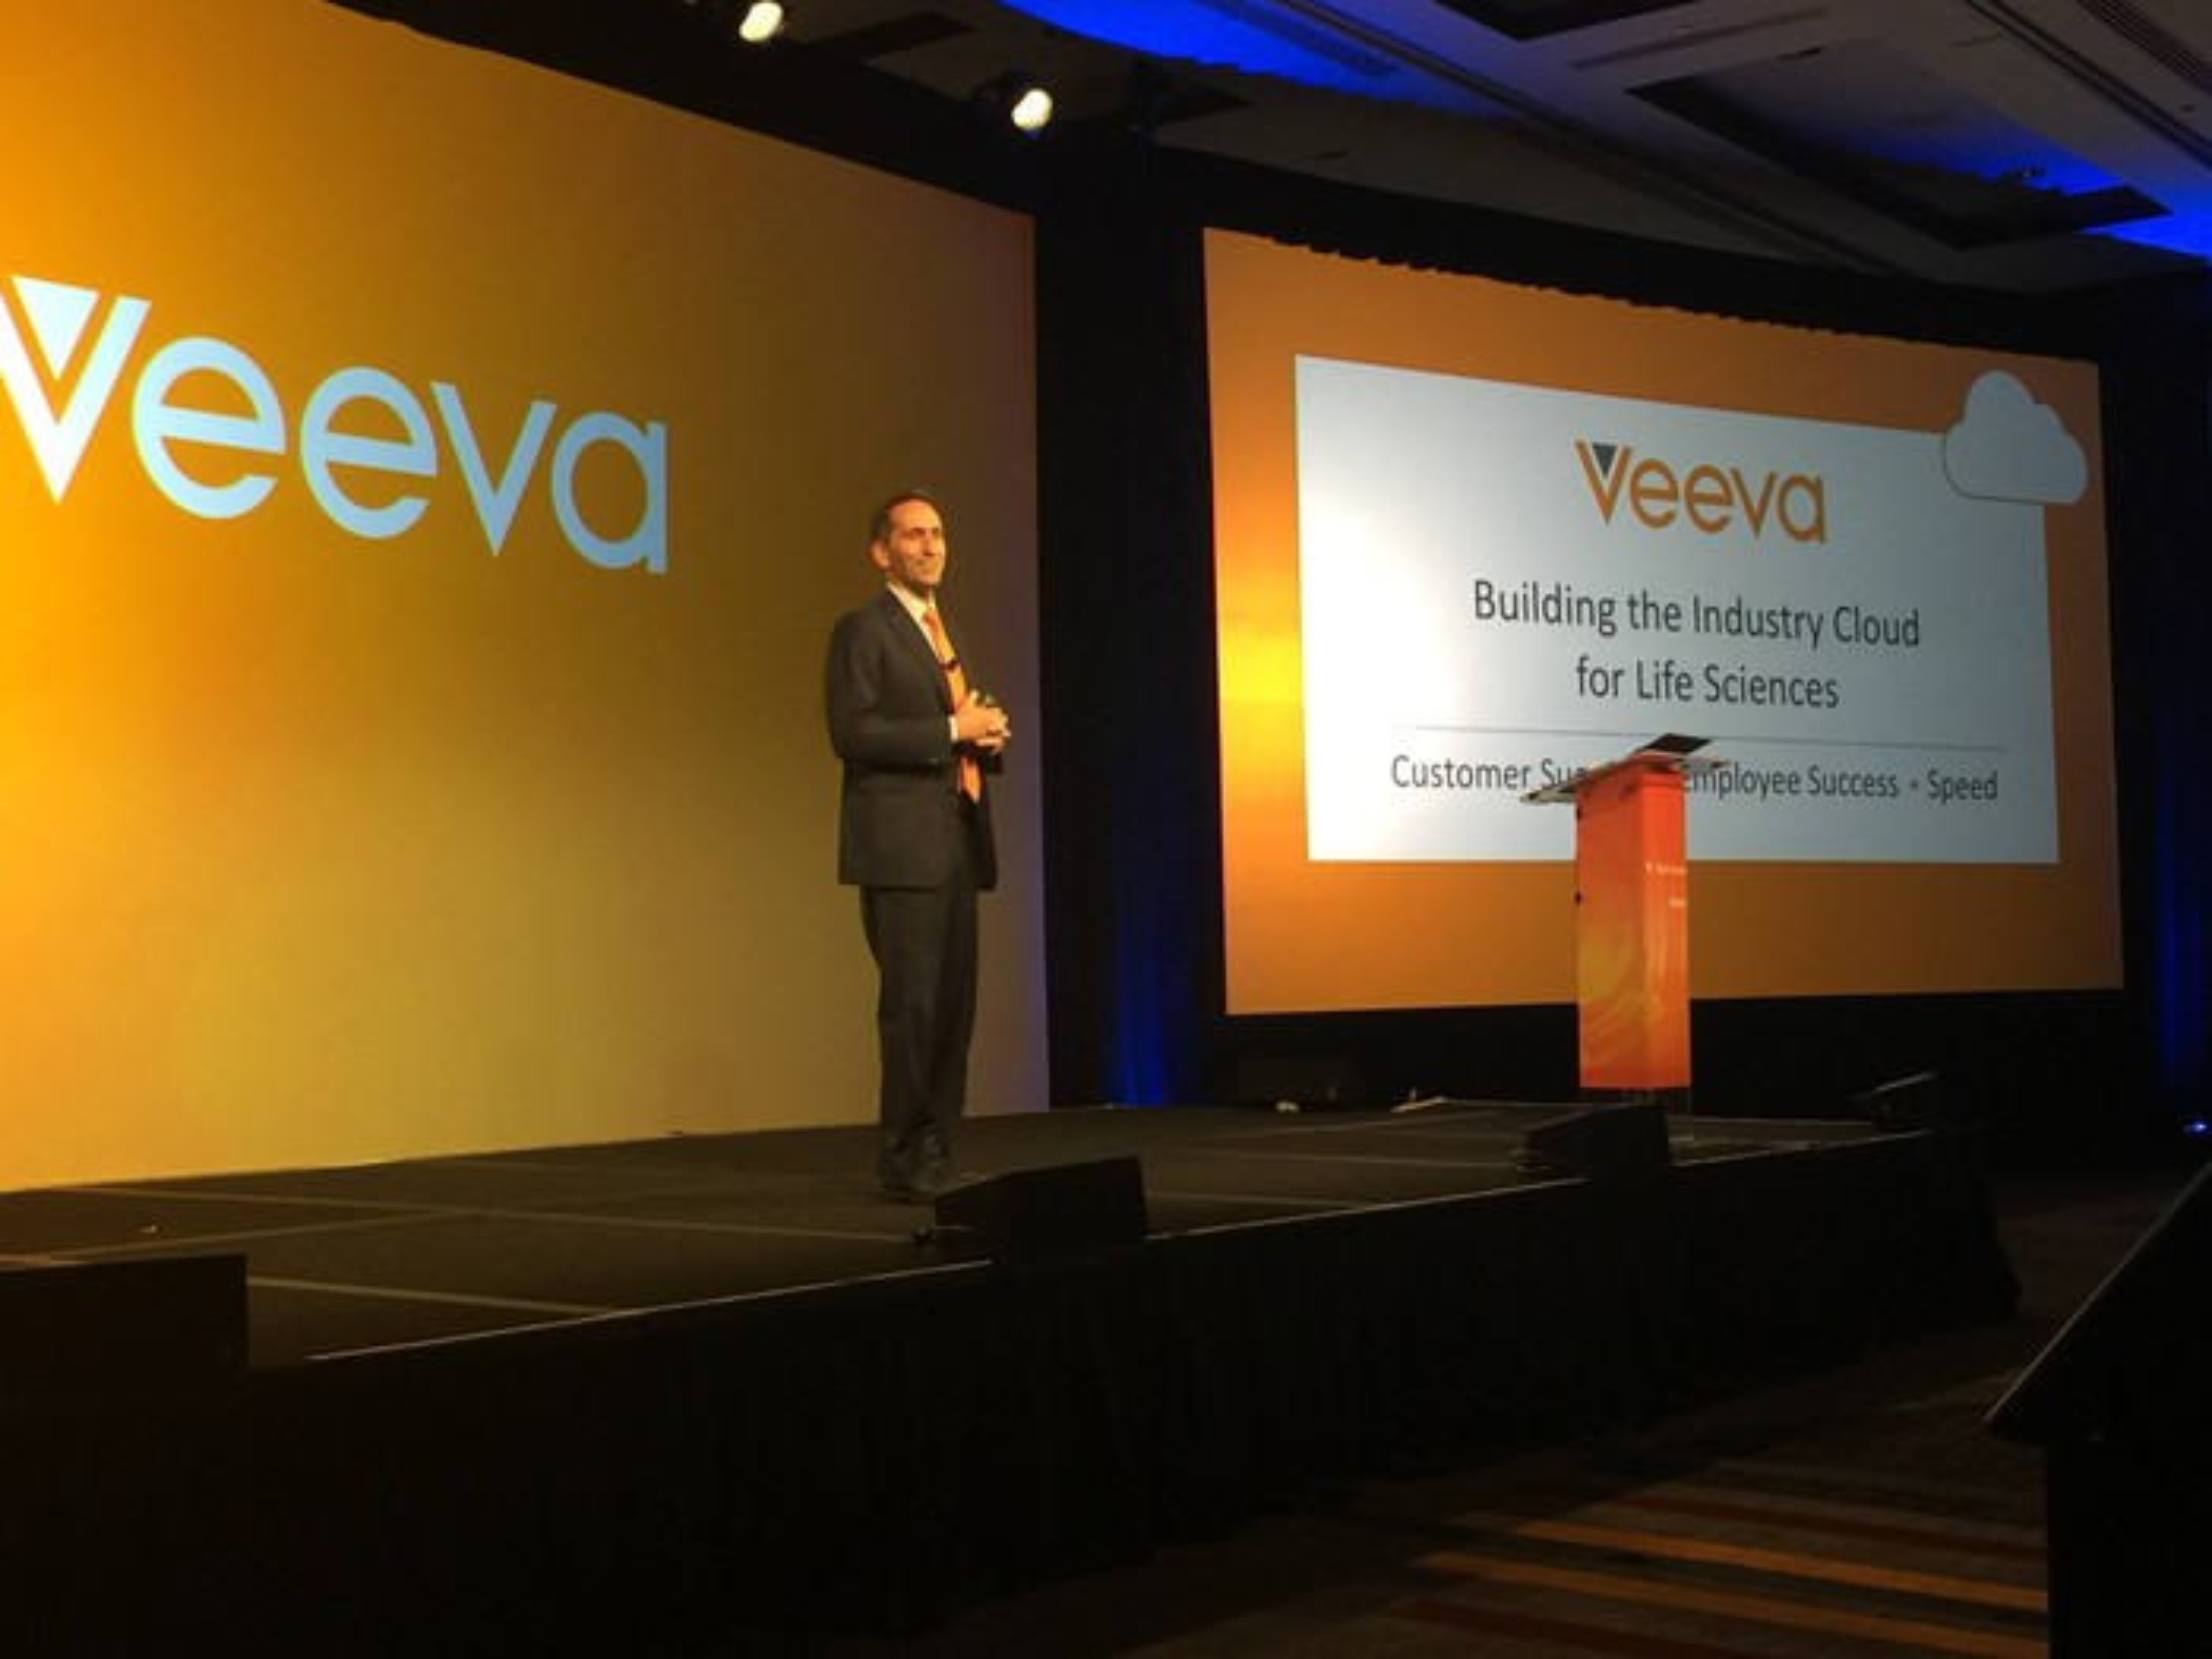 Veeva Systems CEO presentation